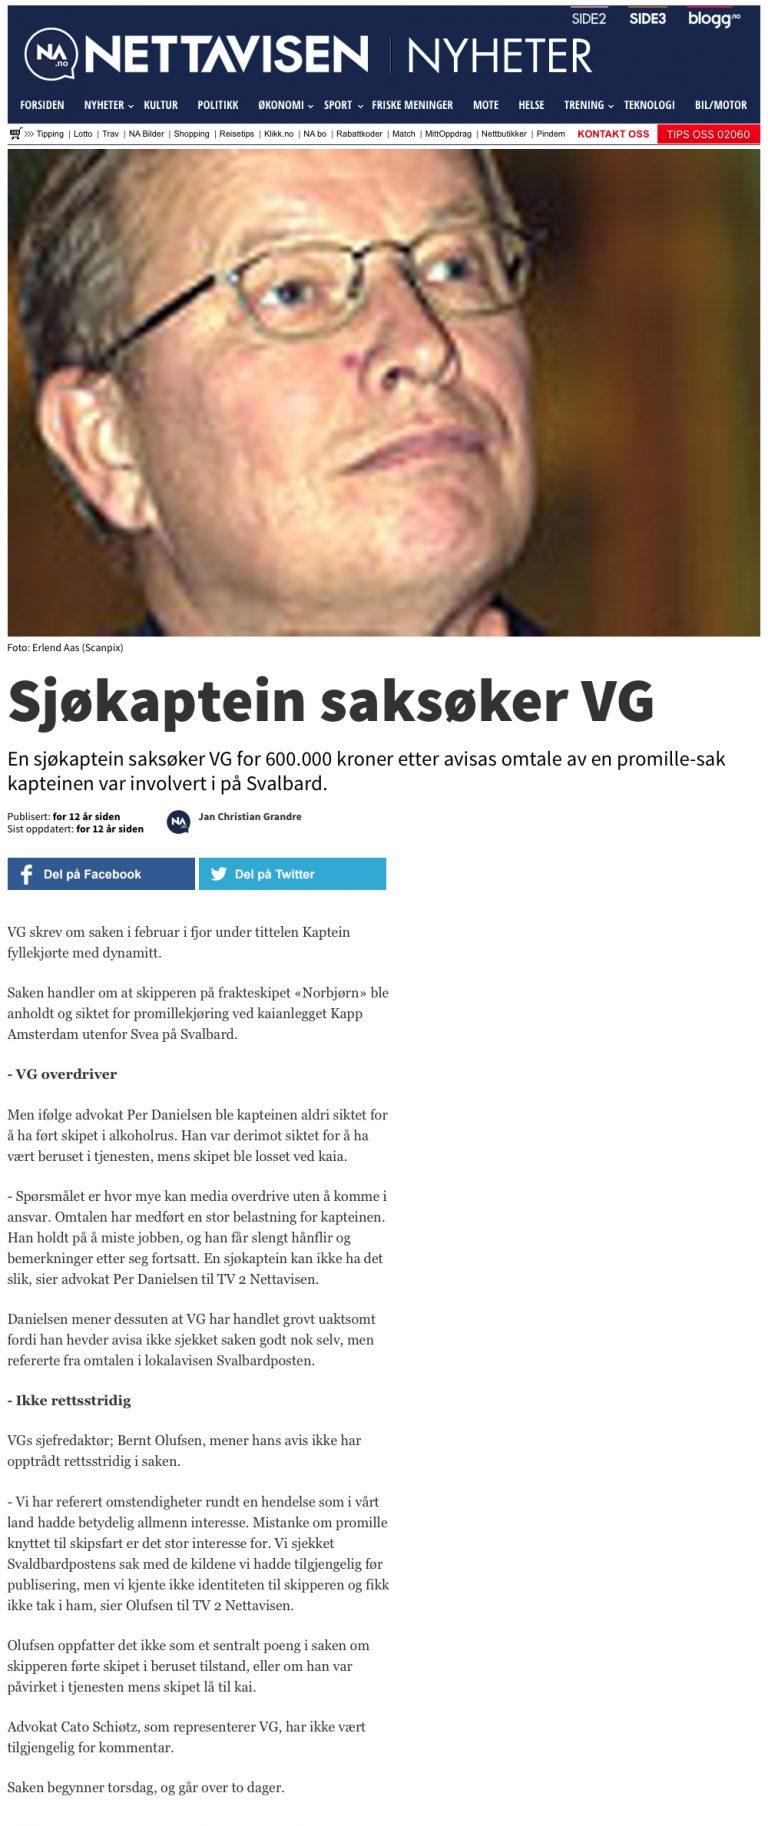 Ærekrenkelse Sjøkaptein saksøker VG . Advokat Danielsen & Co. Per Danielsen. Advokat i Oslo.